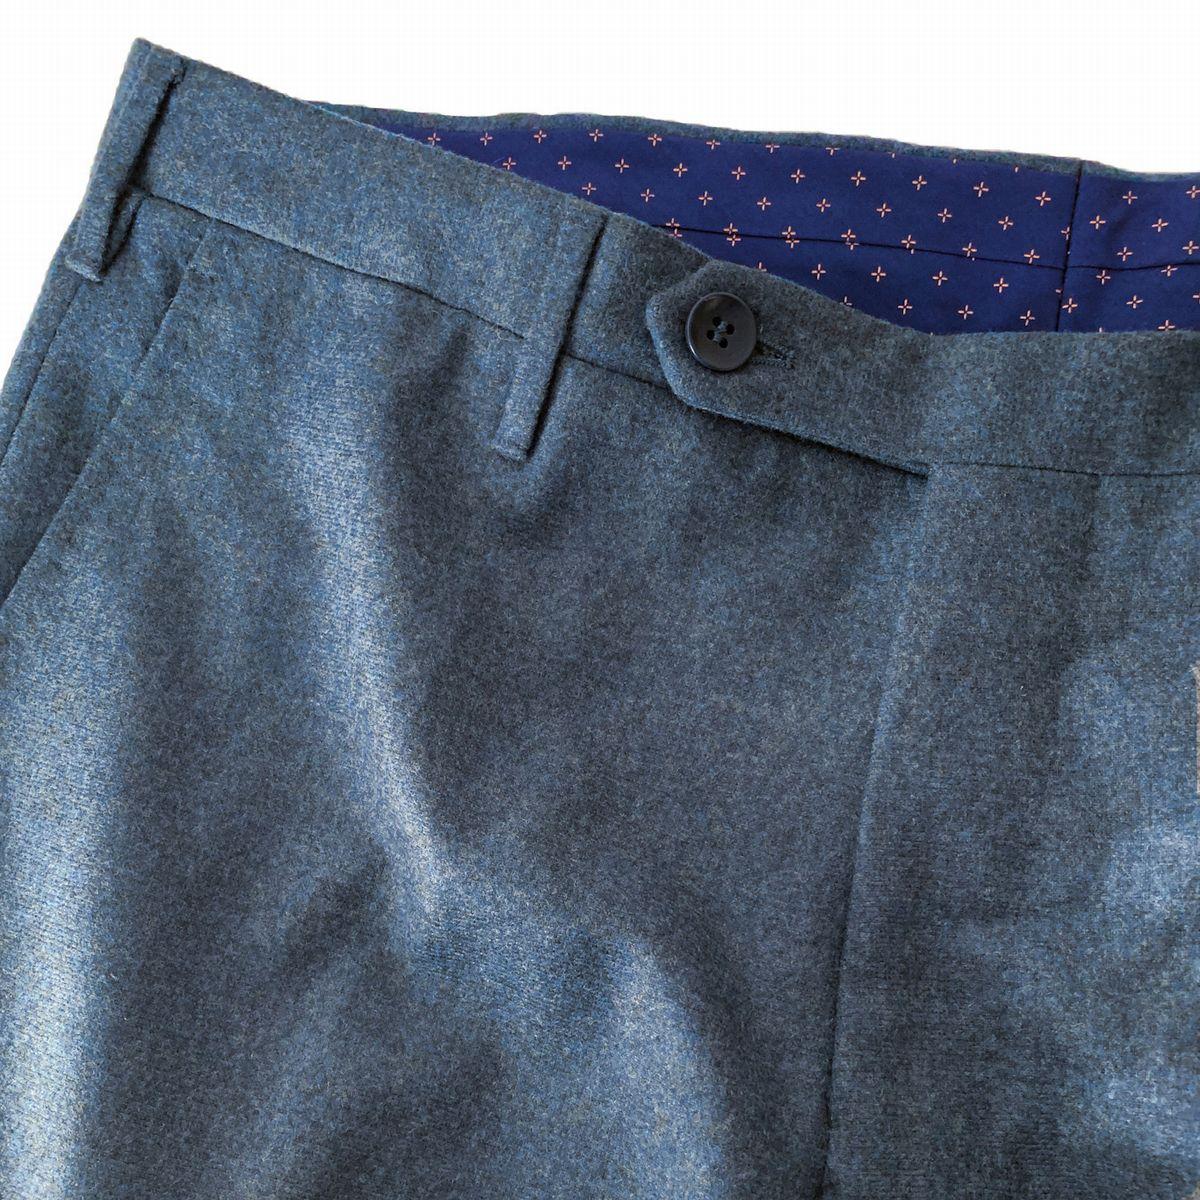 Rota (ロータ) パンツ ボトムス メンズ カジュアル カーゴパンツ ブランド スラックス カジュアル おしゃれ 大きいサイズ スリム ノータック